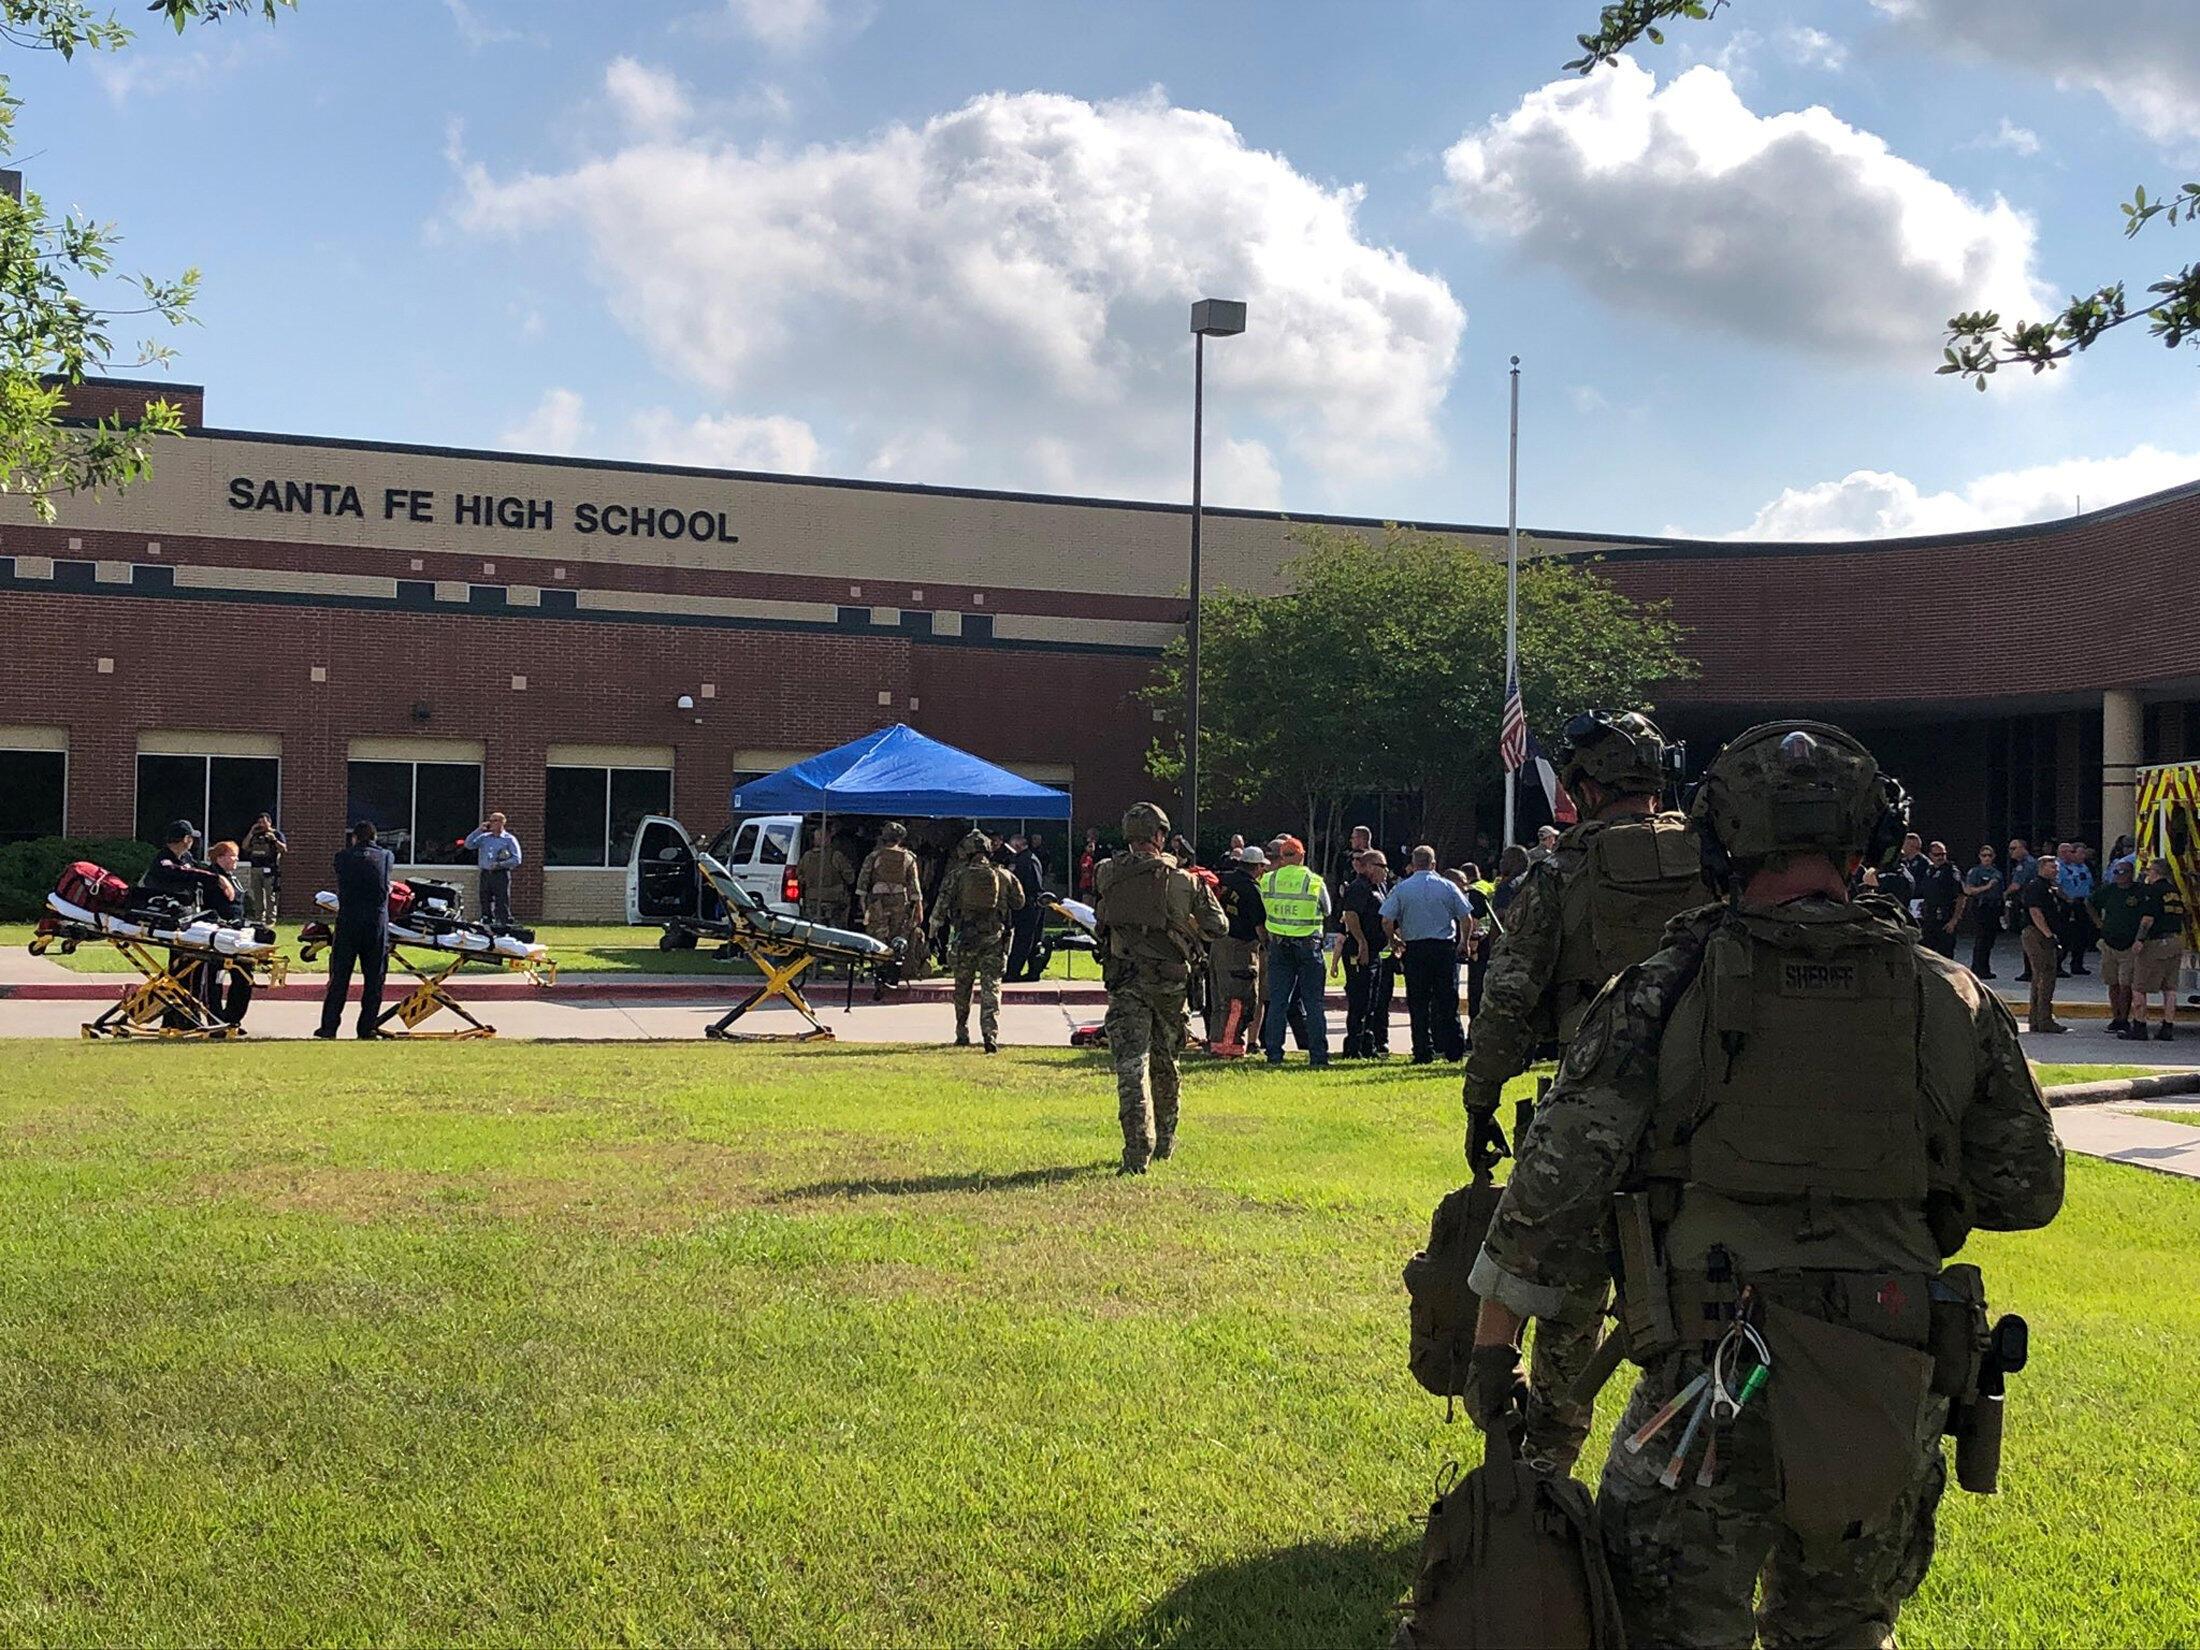 Преступник открыл огонь в школе в американском Санта Фе